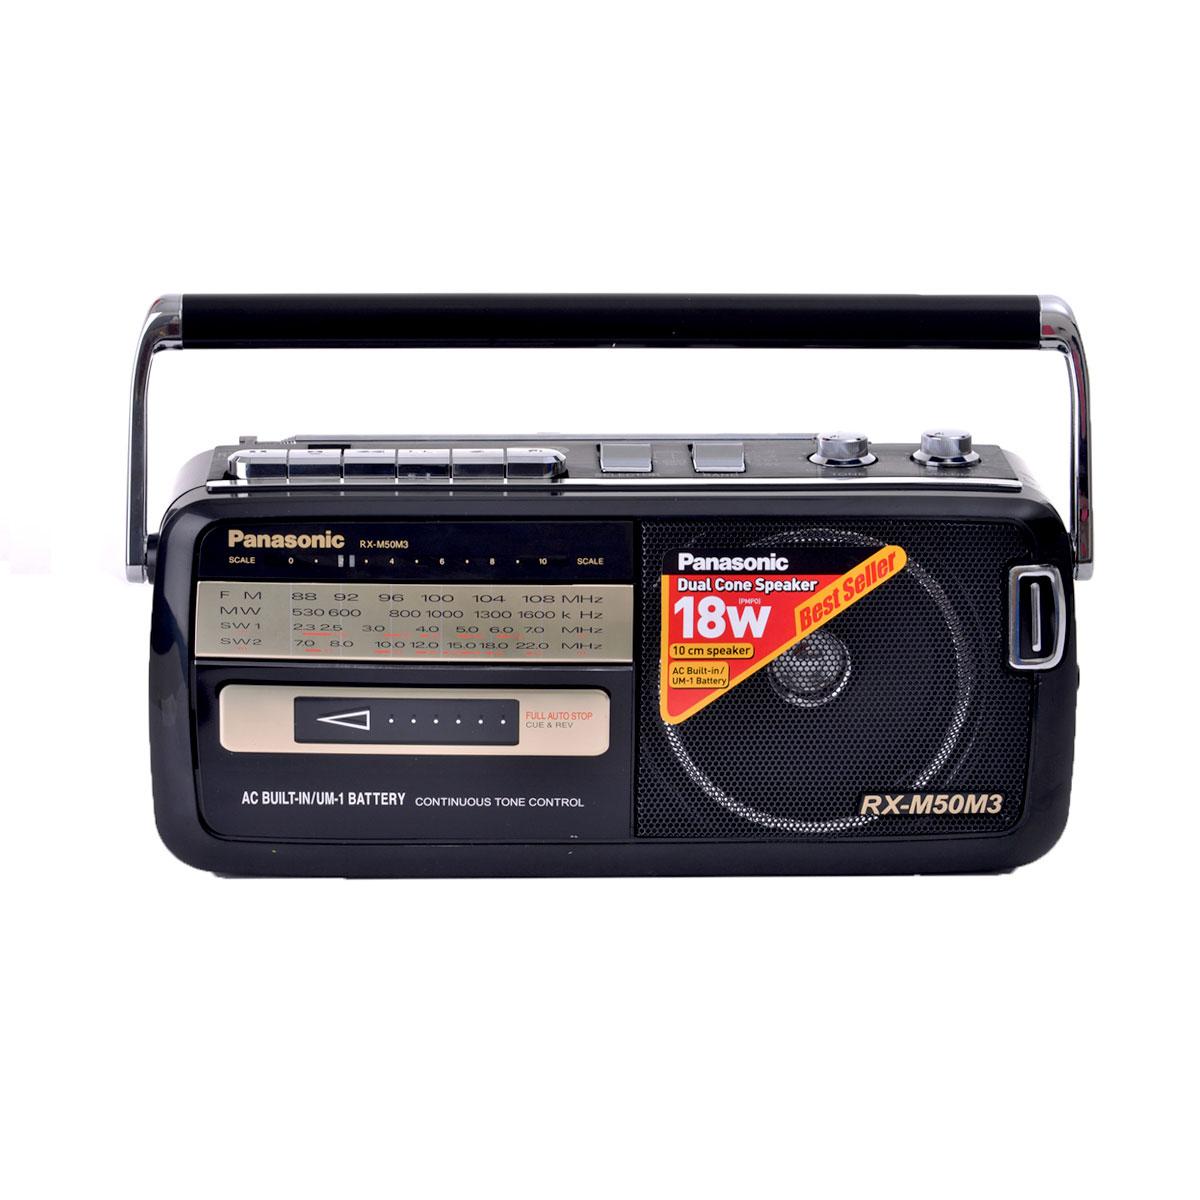 باناسونيك - مسجل مشغل كاسيت وراديو - موديل RX M50M3